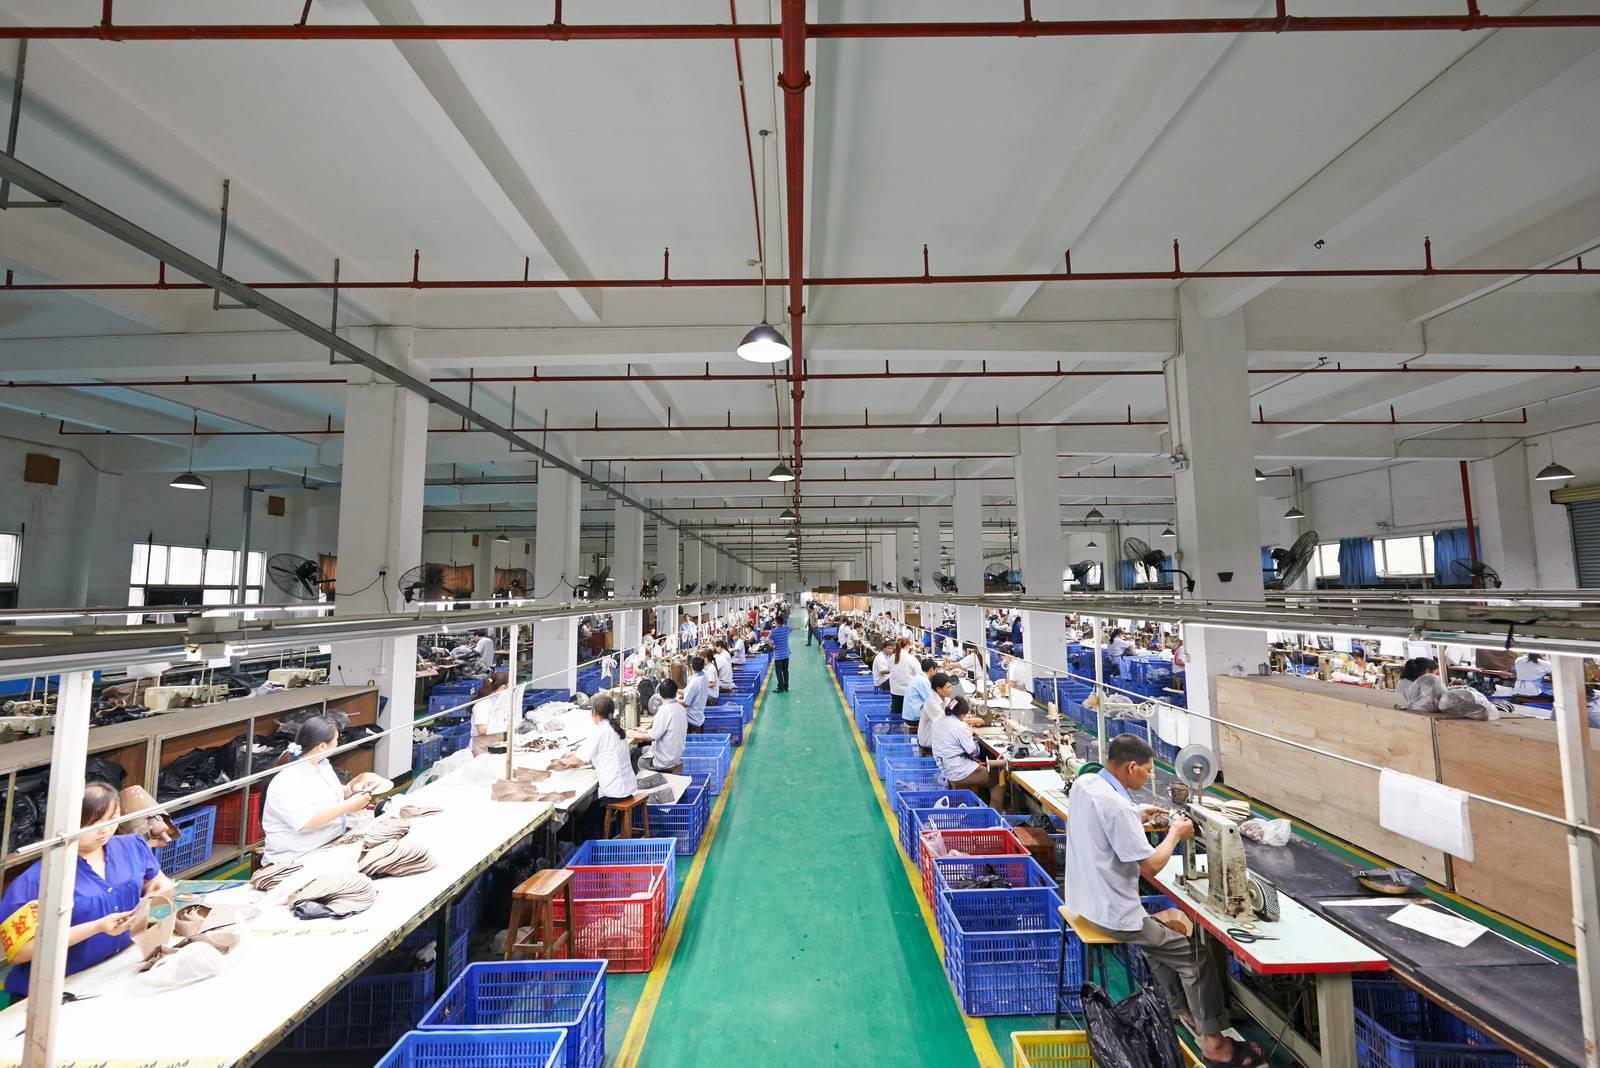 斐爾的工厂生产场景.jpeg